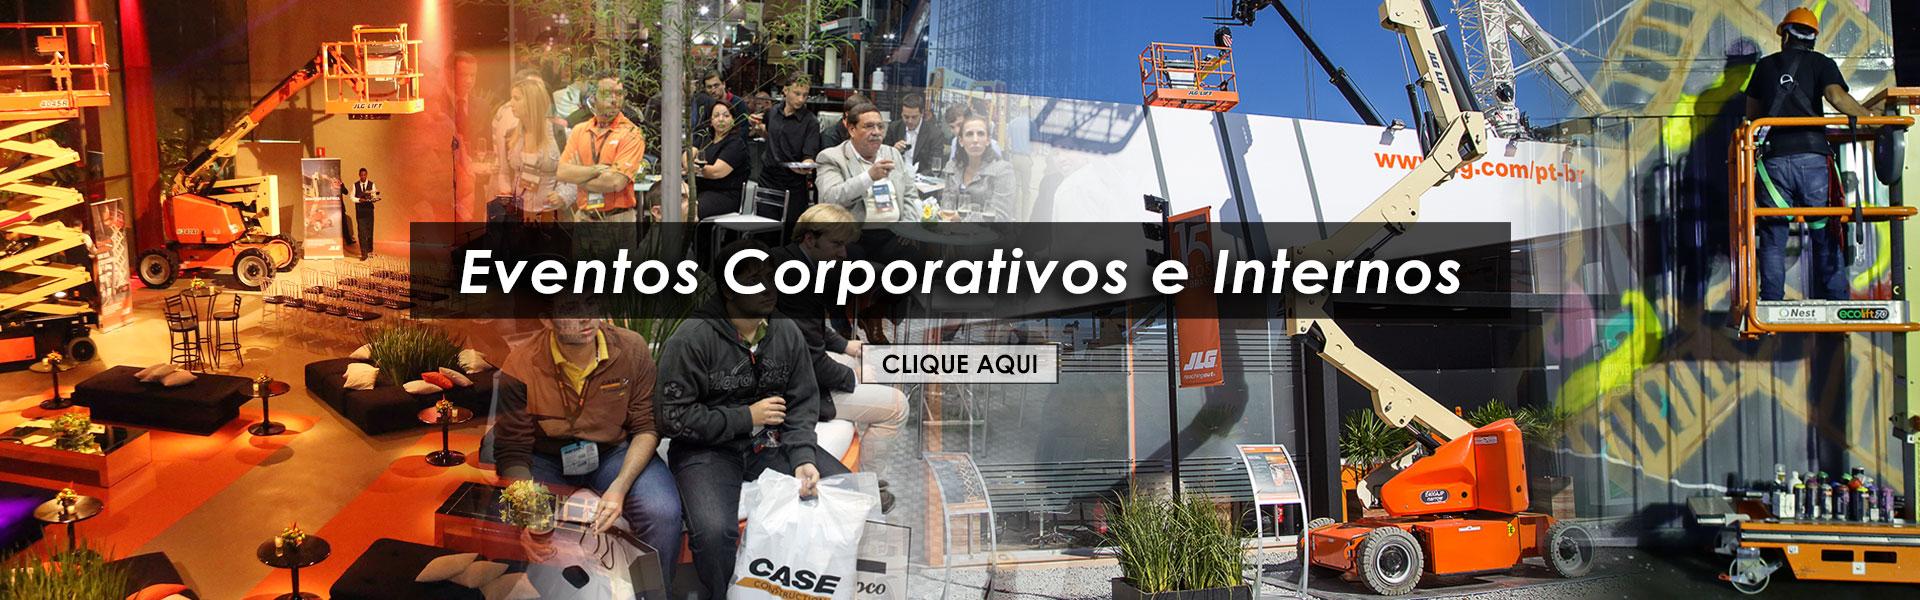 Eventos Corporativos e Internos